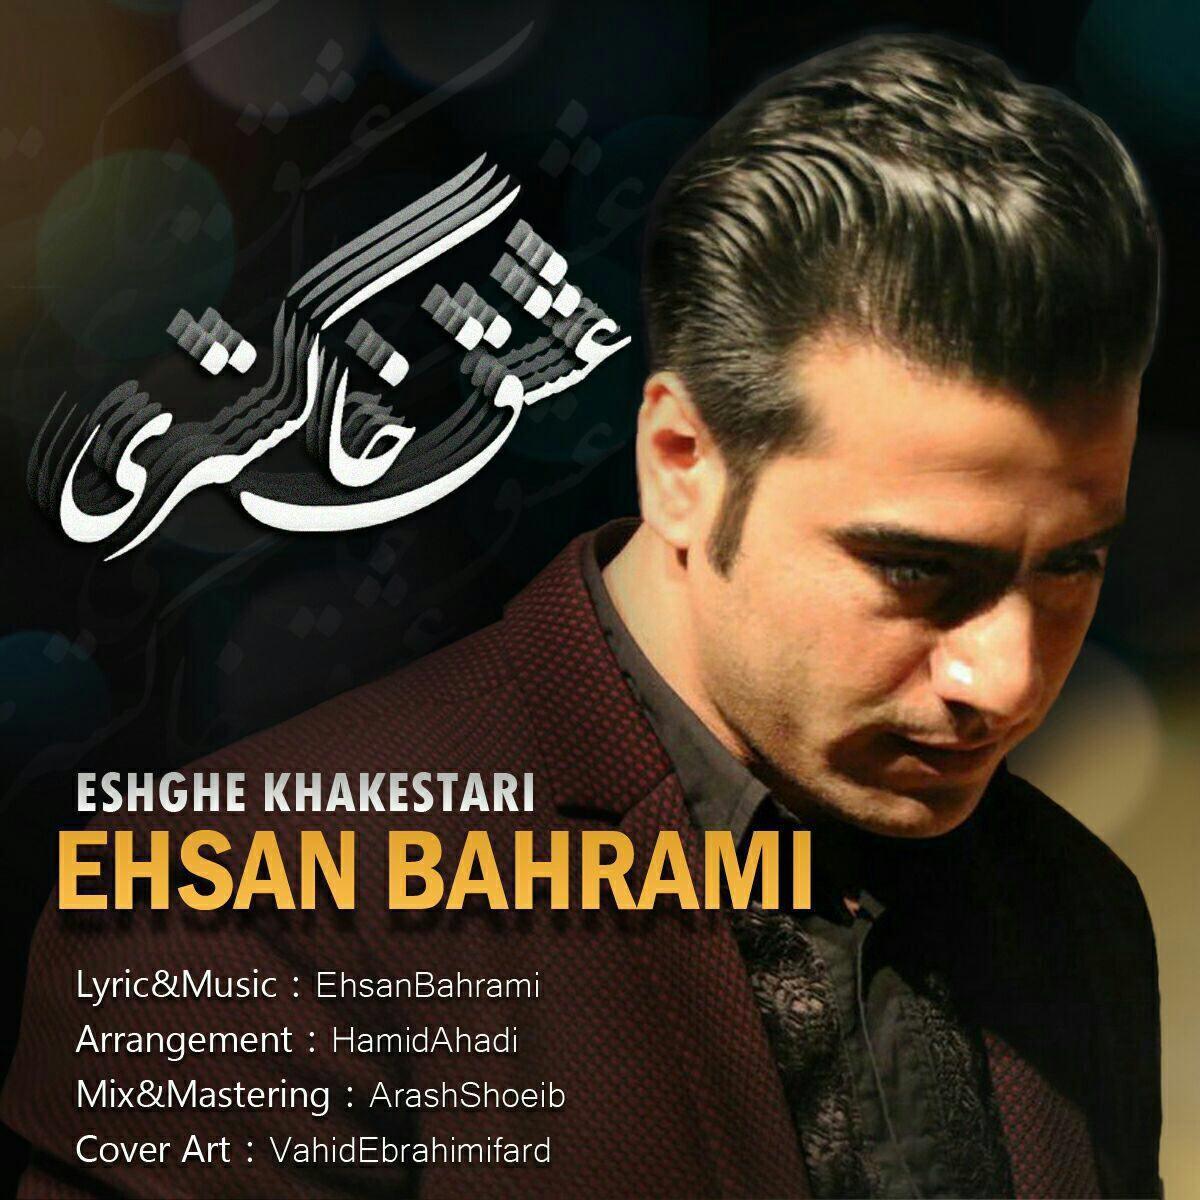 نامبر وان موزیک | دانلود آهنگ جدید Ehsan-Bahrami-Eshghe-Khakestari